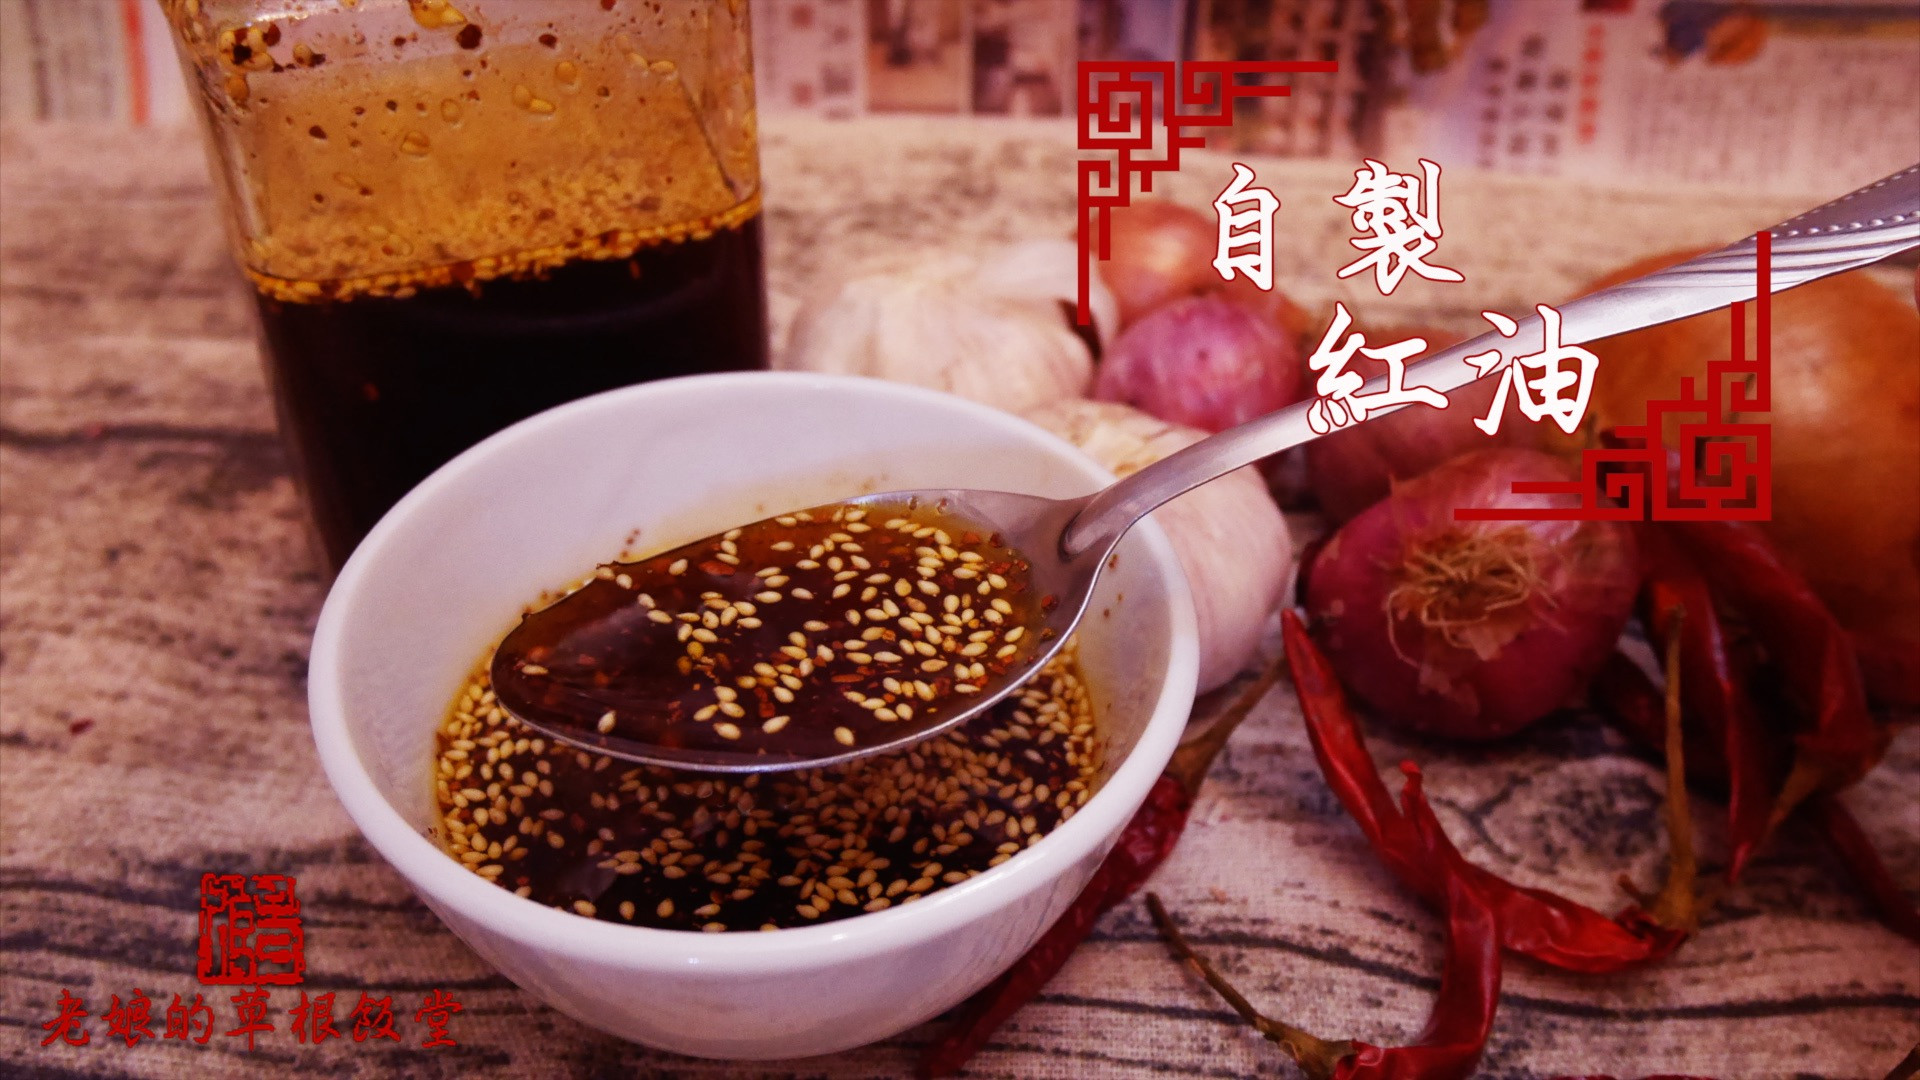 【影片】自製紅油 【老娘的草根飯堂】